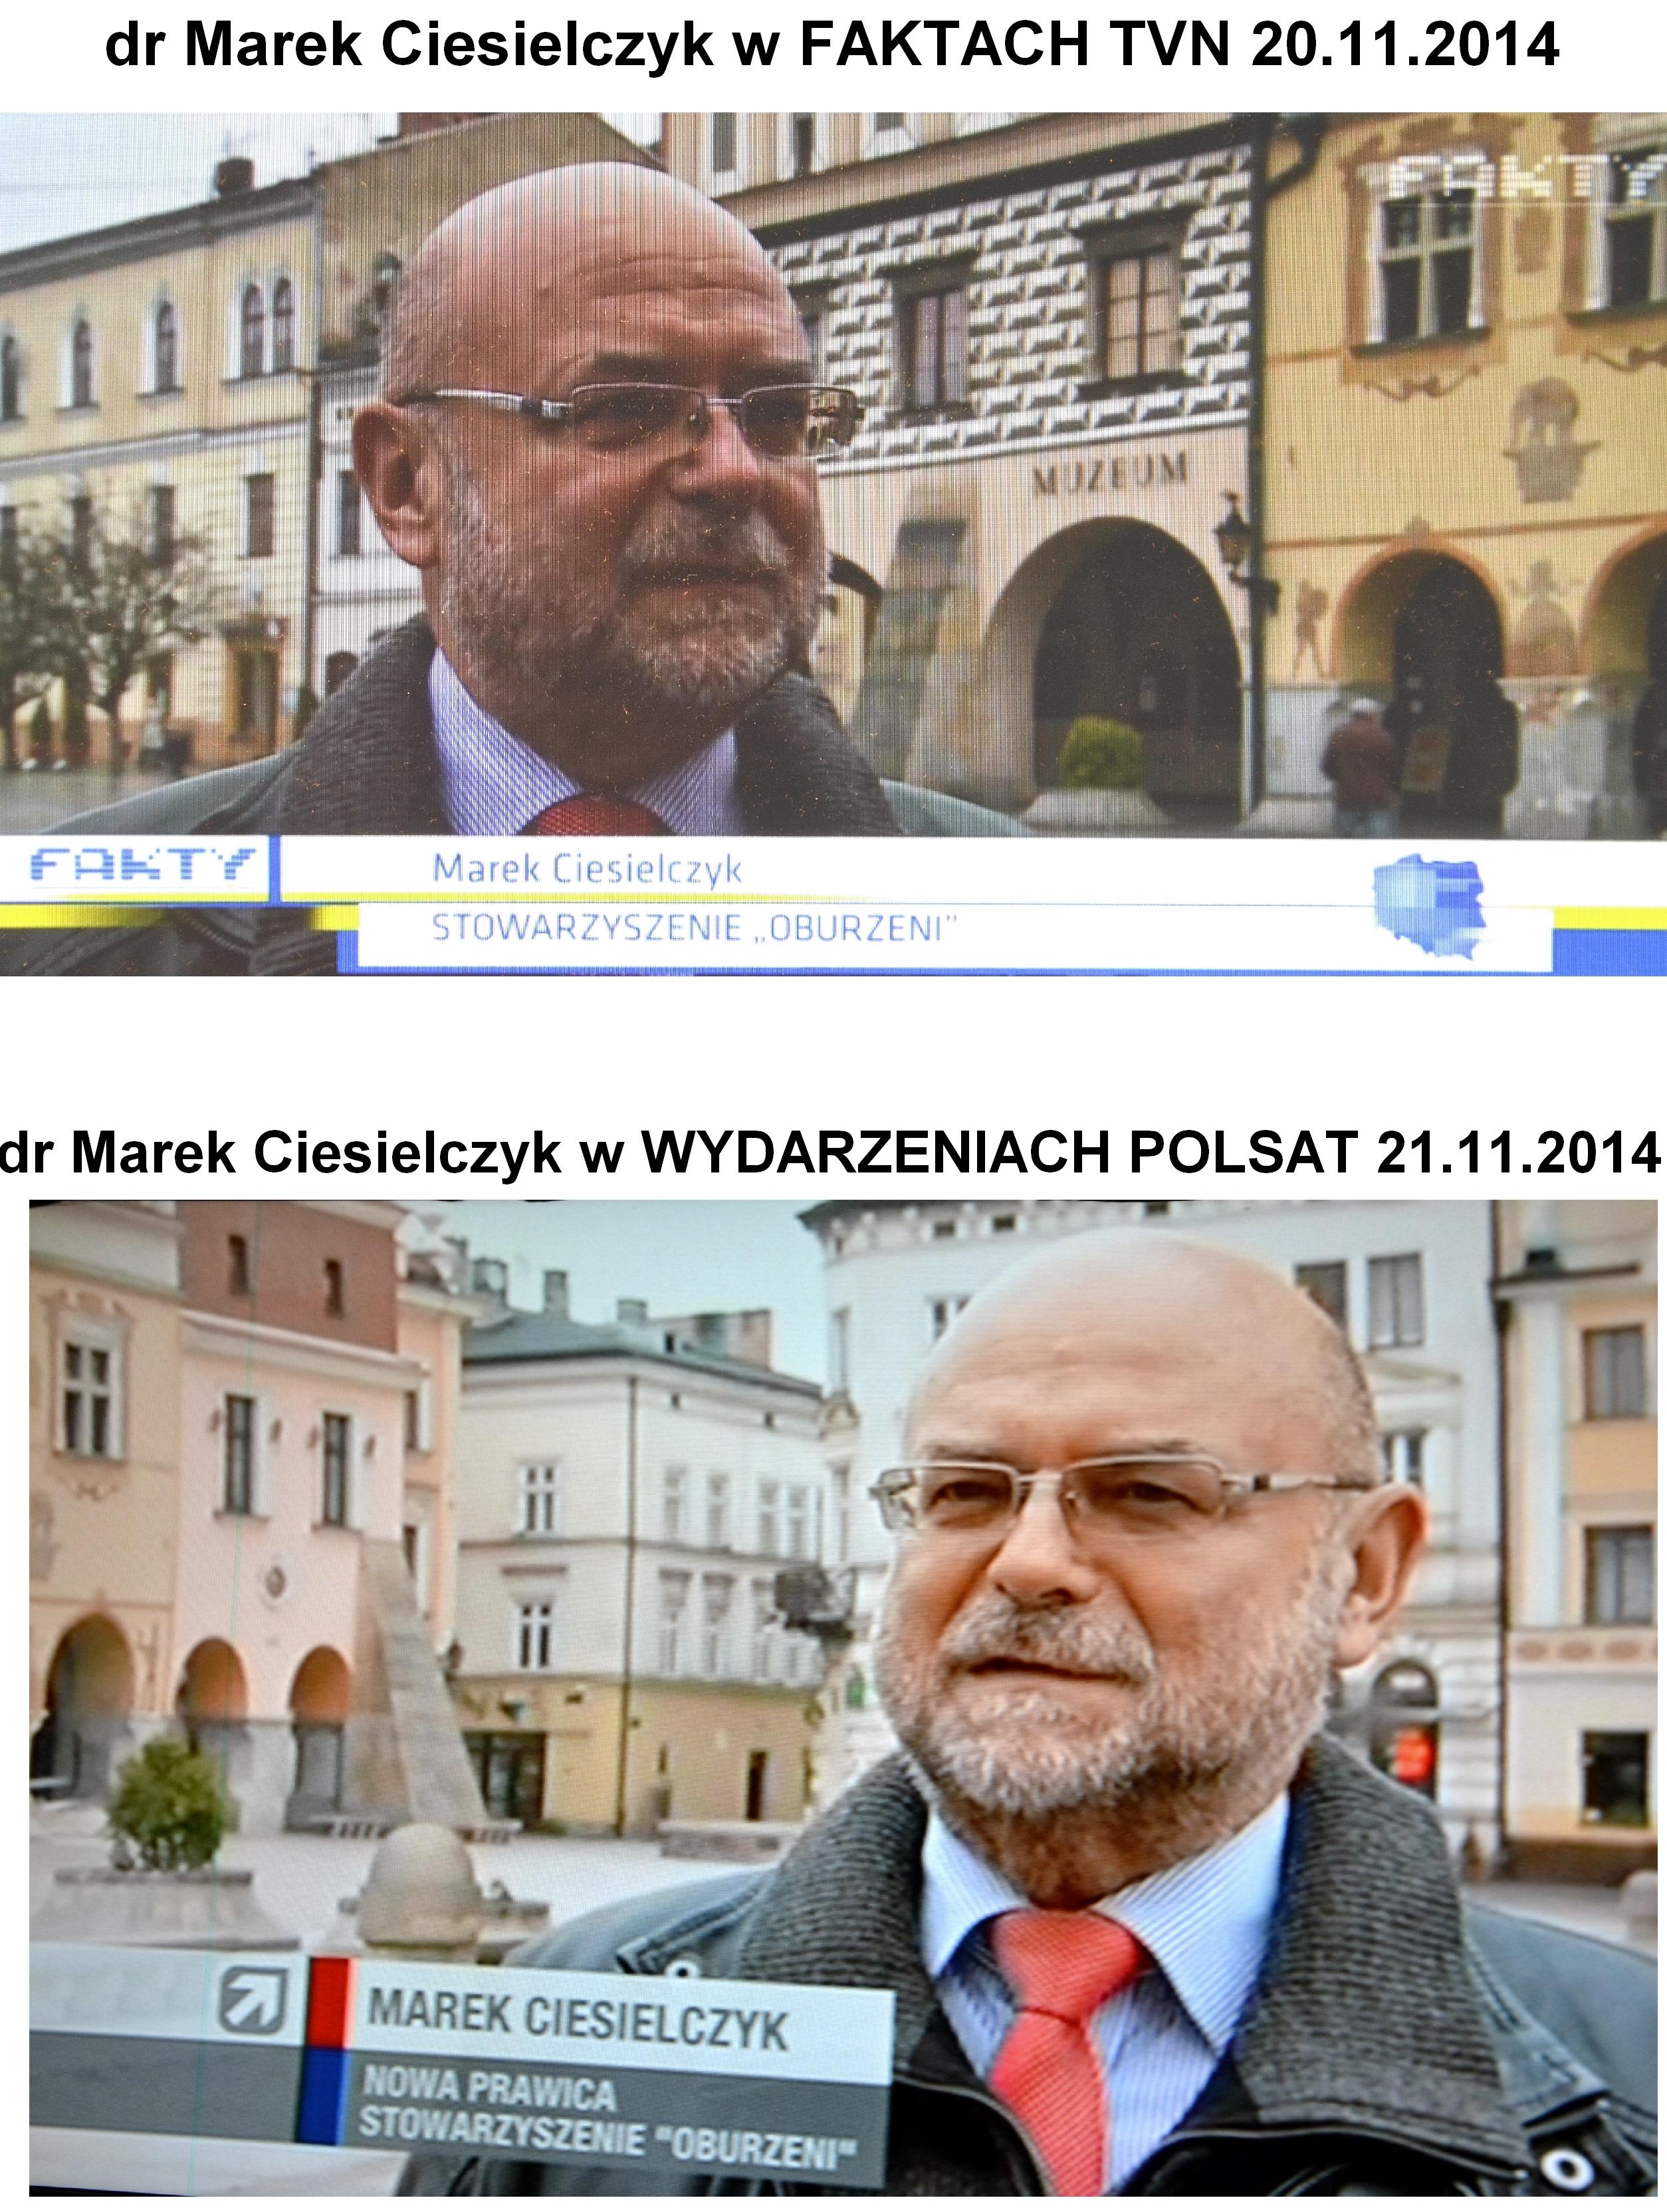 Marek Ciesielczyk w POLSAT i TVN mówi o pierwszym proteście wyborczym